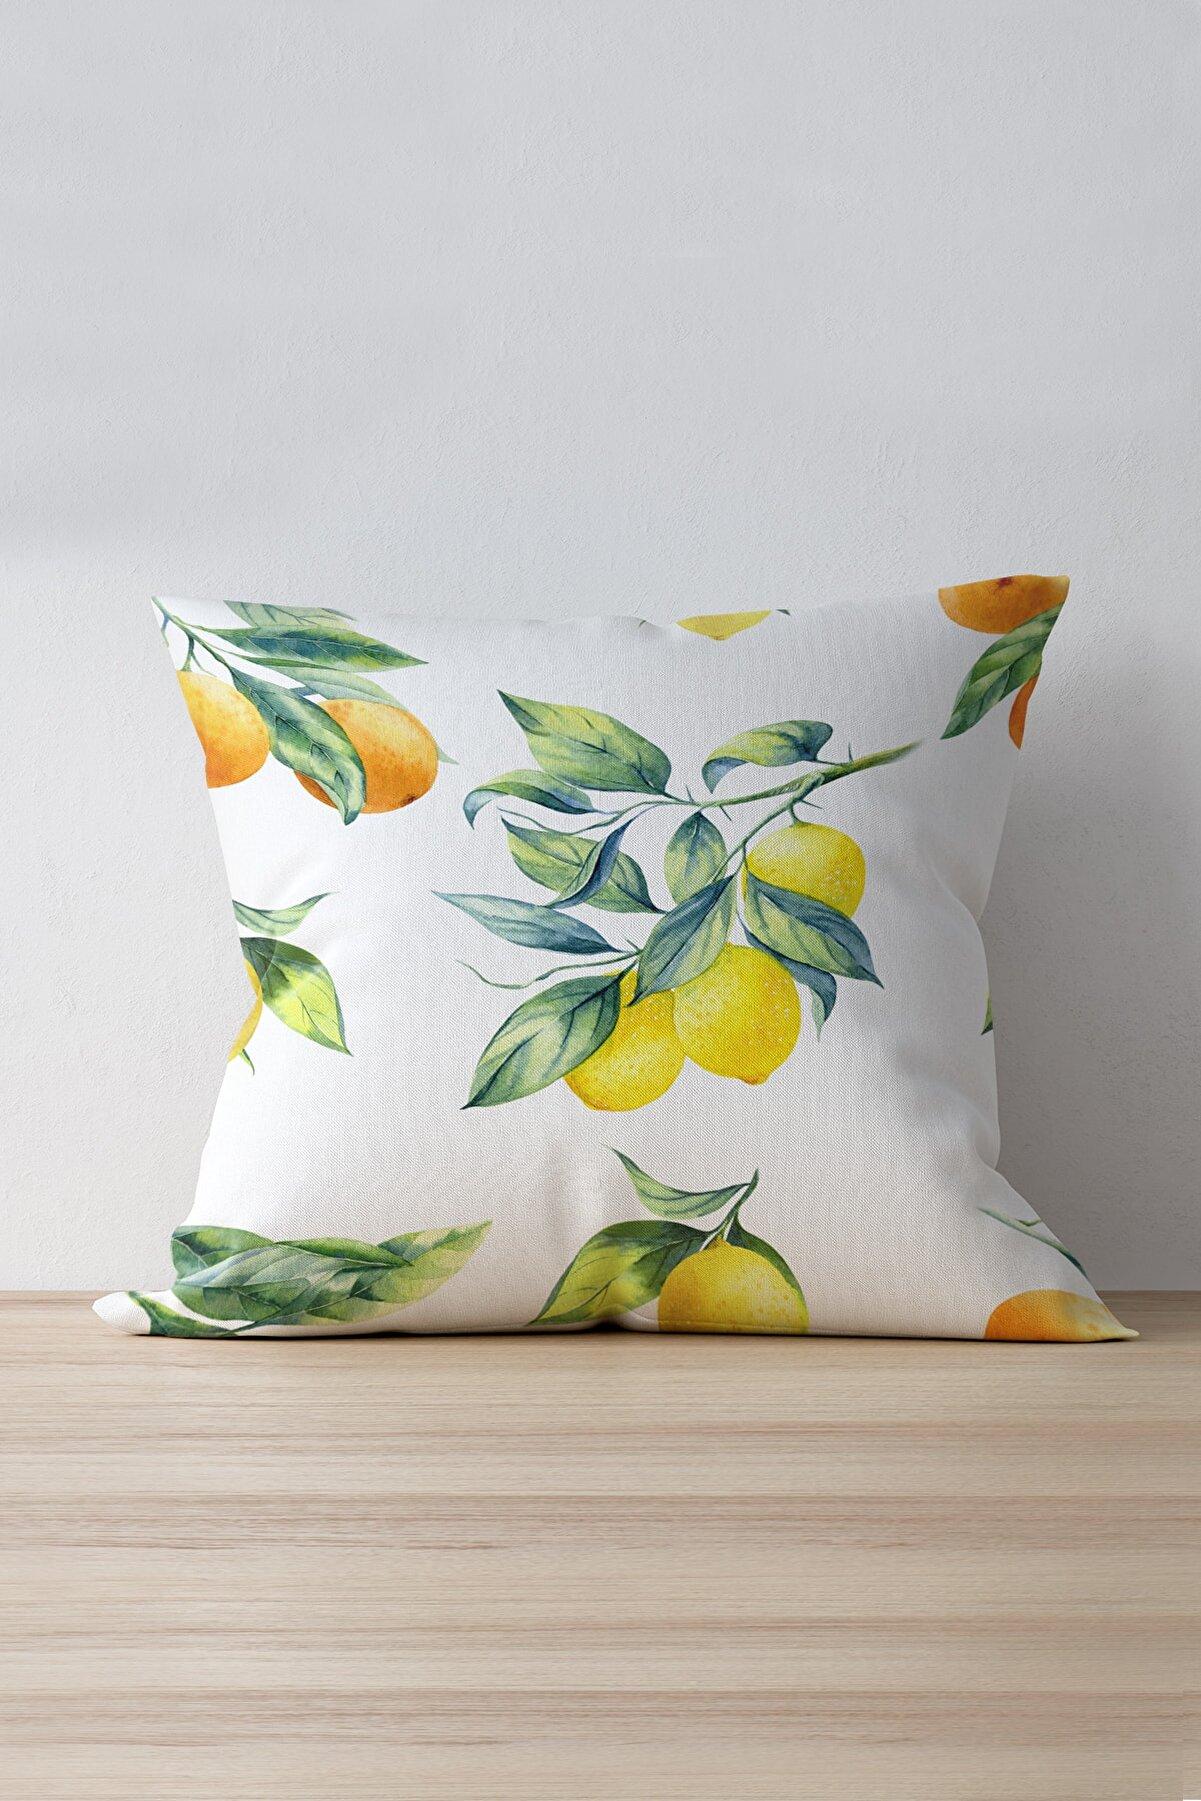 Cango Home Beyaz Sarı Limon Desenli Dijital Baskılı Kırlent Kılıfı - Oytyk895